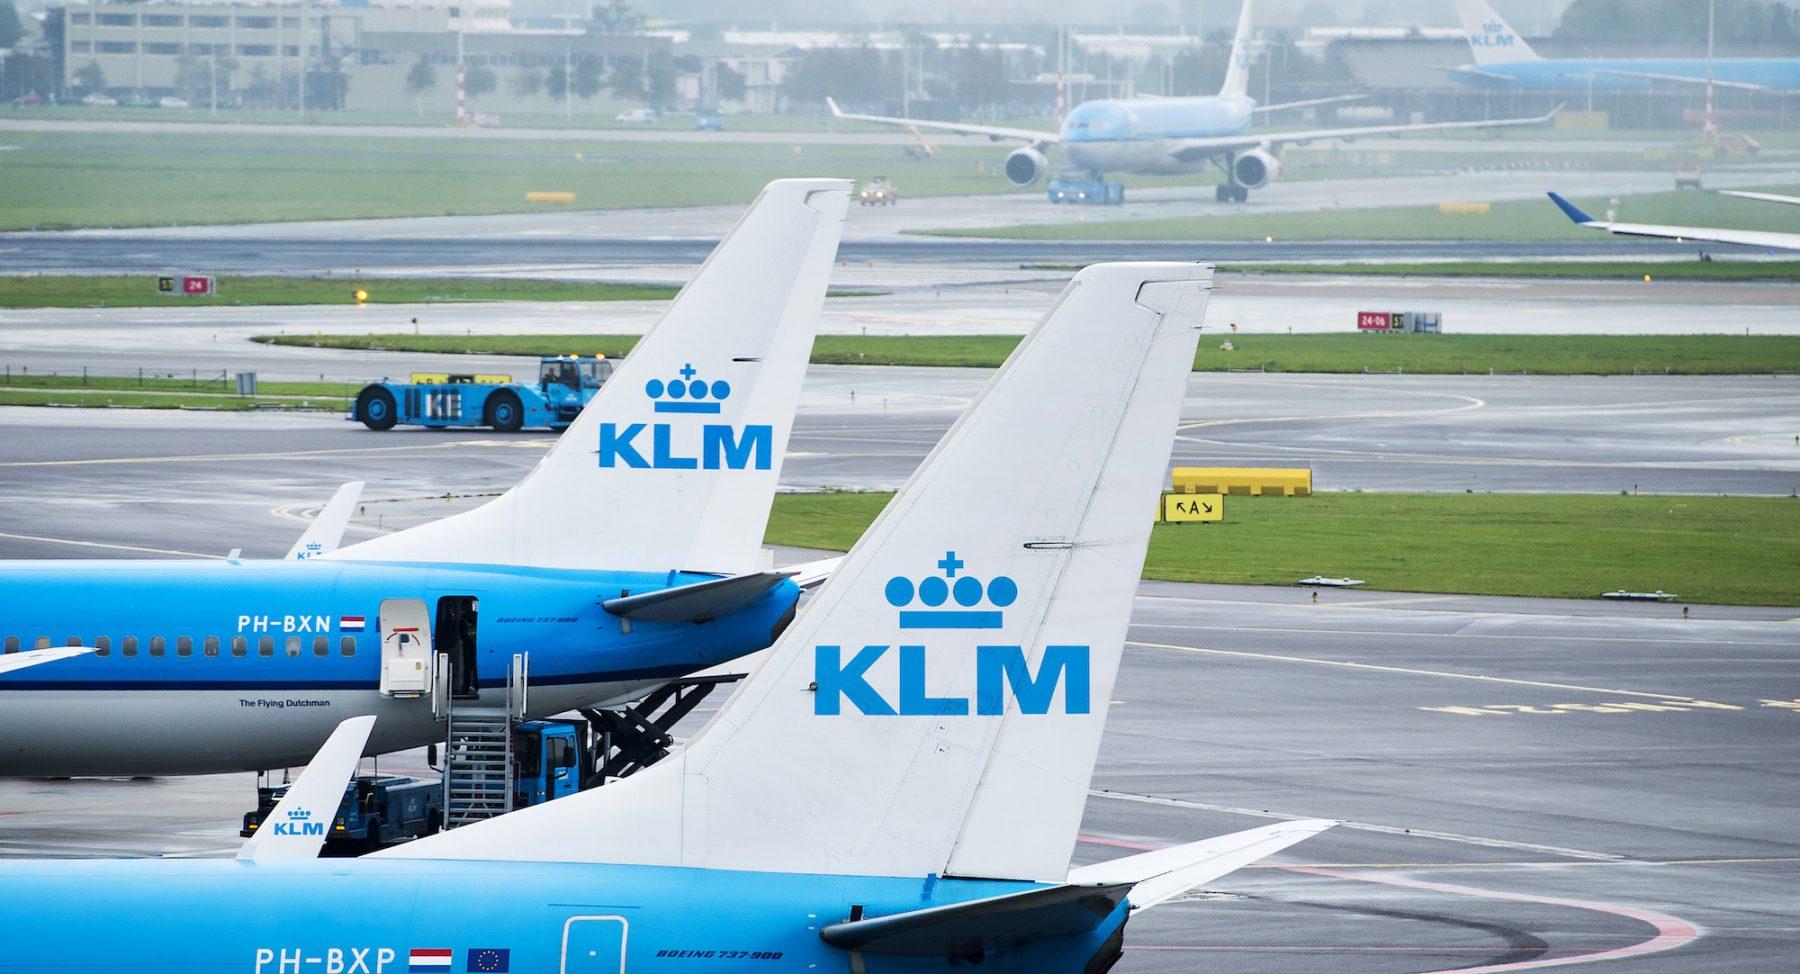 KLM werkt aan hypermodern vliegtuig